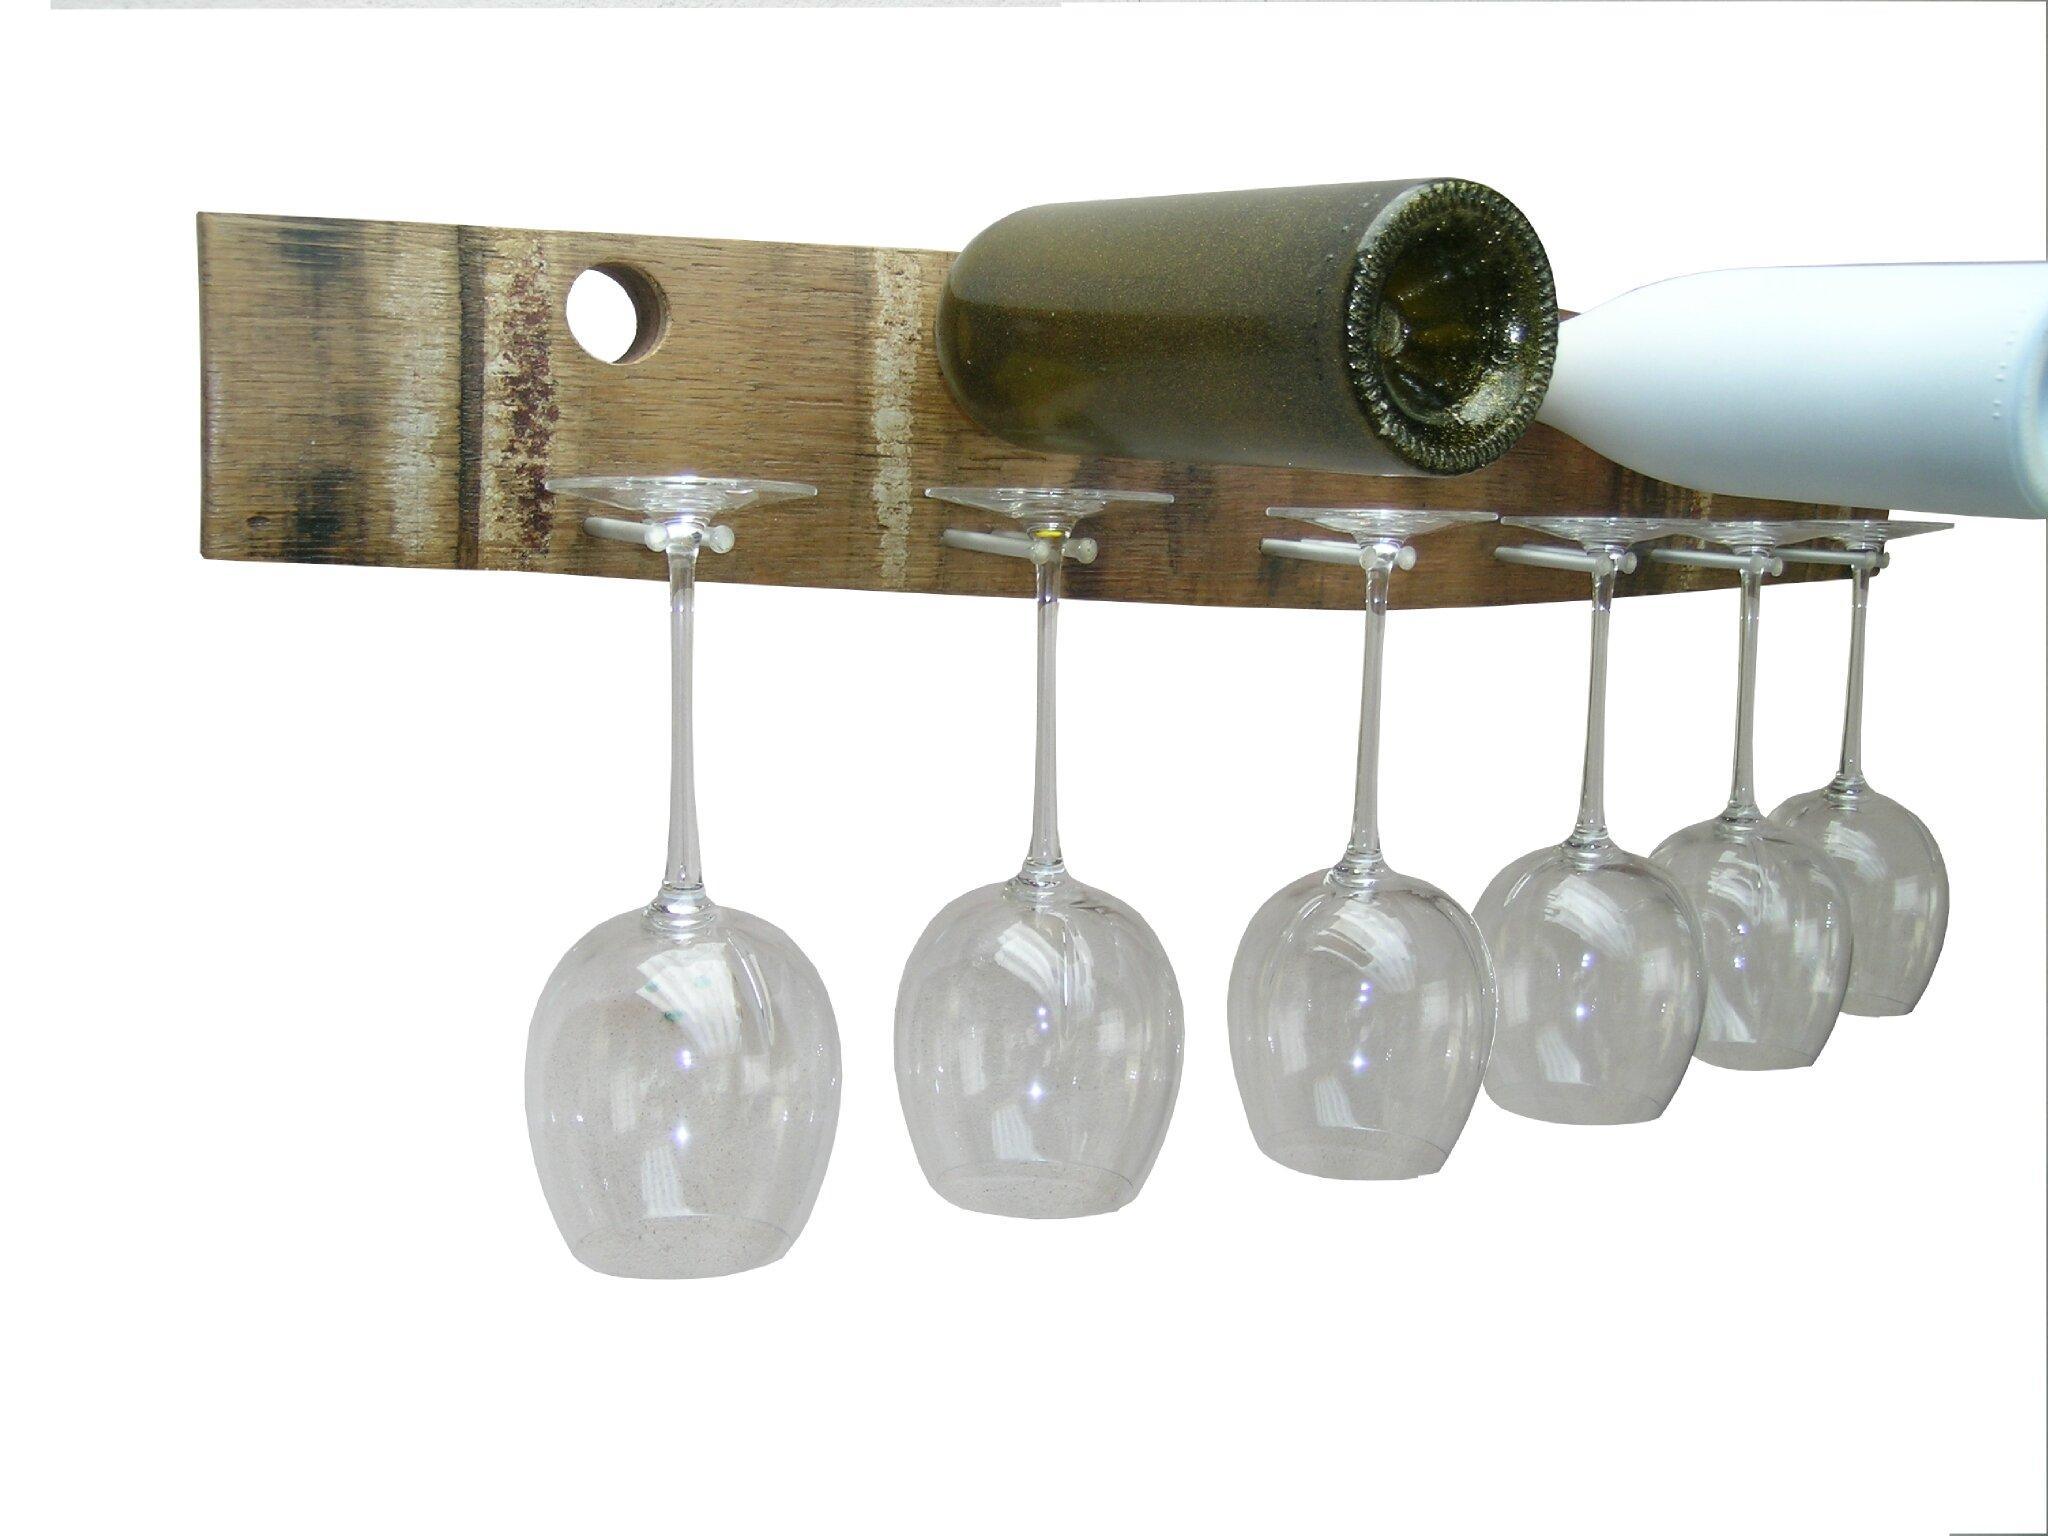 Support verre vin les ustensiles de cuisine - Porte verre suspendu bar ...